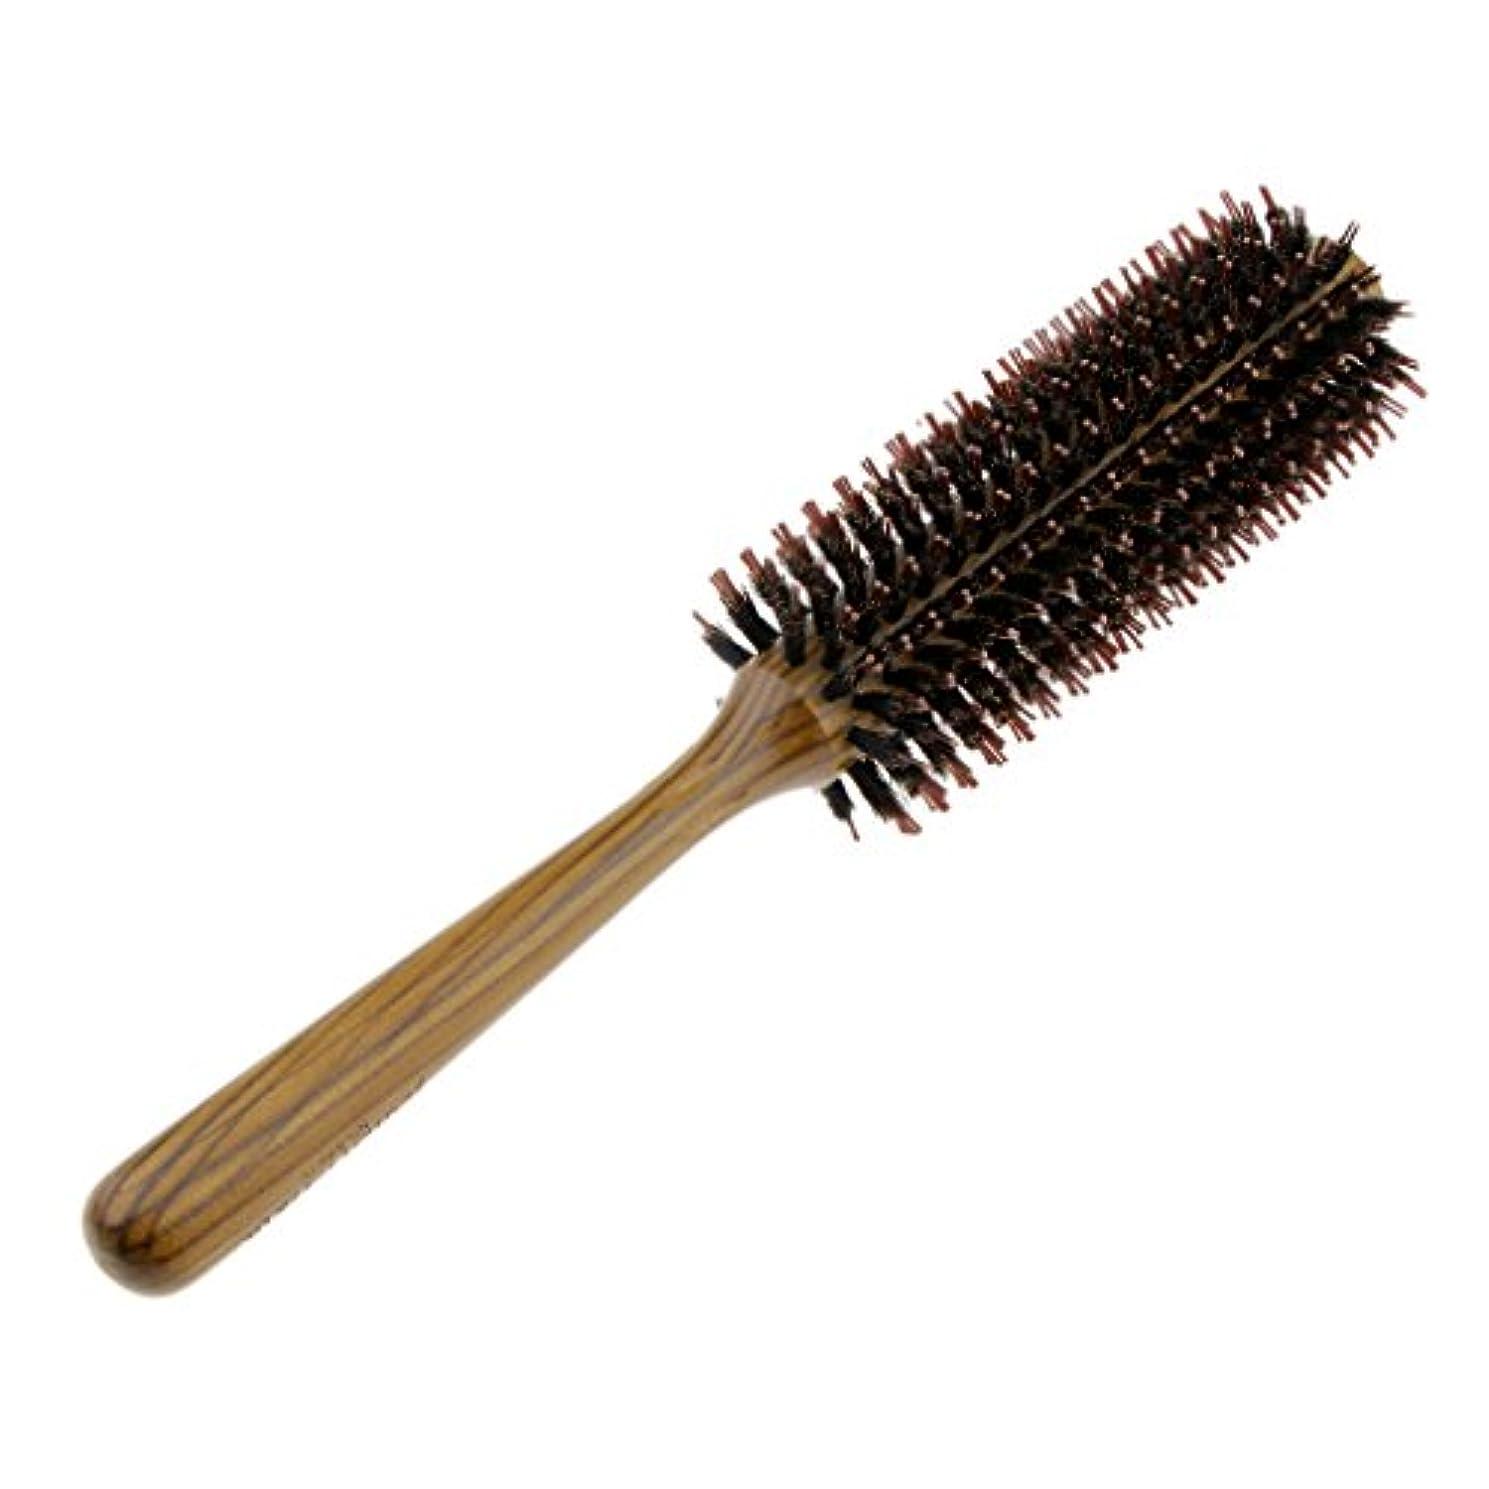 重力許可するに慣れロールブラシ ヘアブラシ コーム ヘアスタイリング 櫛 くし カール 巻き髪 3サイズ選べる - L